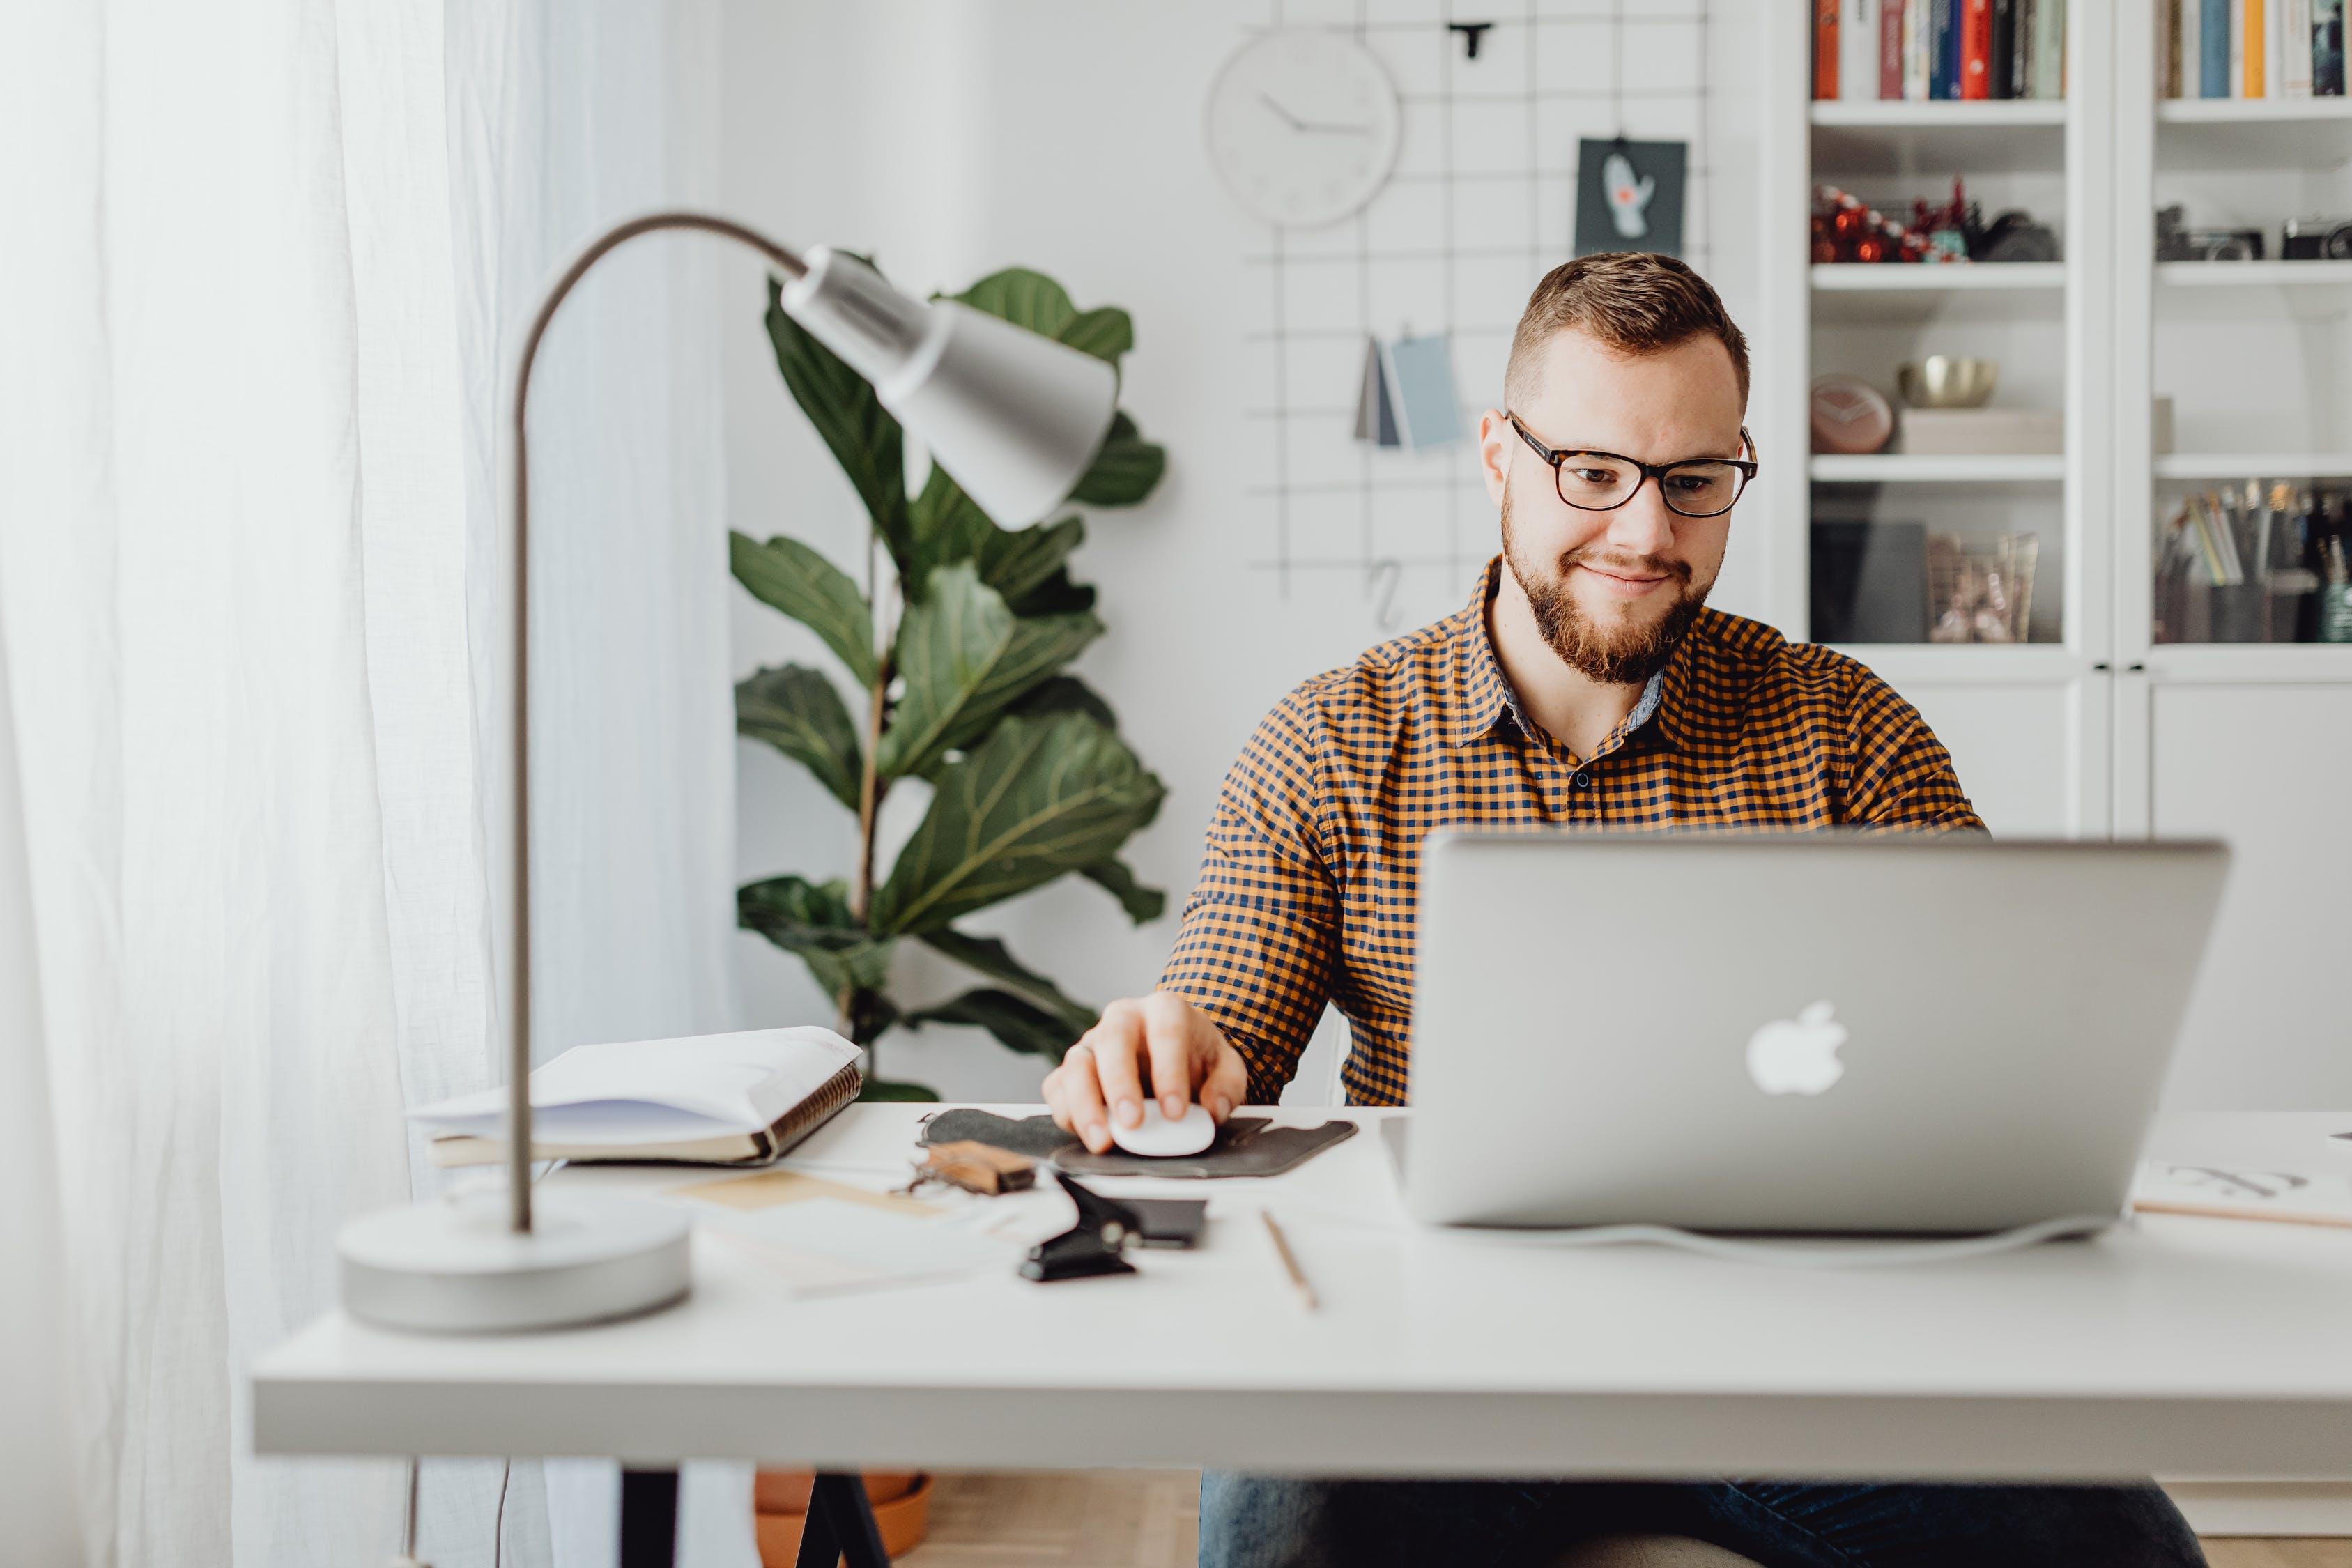 Man Using Macbook